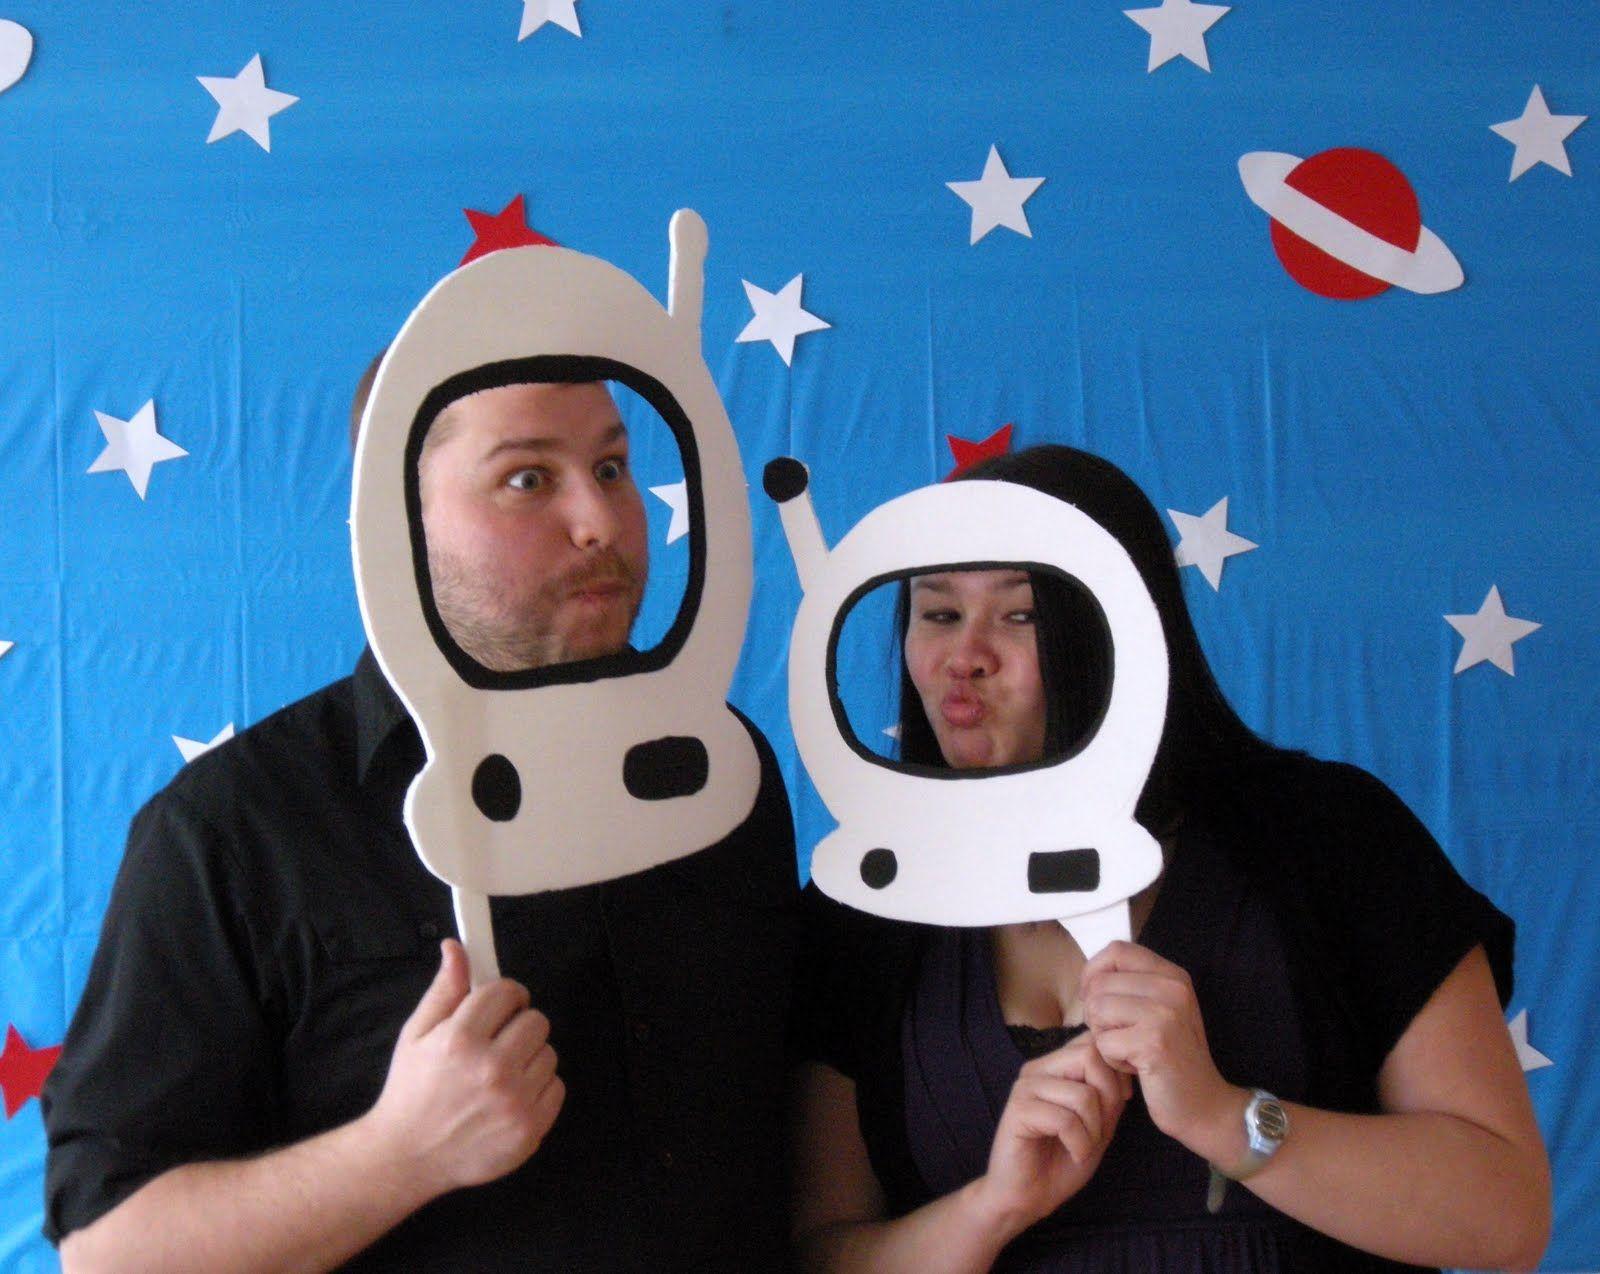 die besten 25 astronautenhelm ideen auf pinterest astronaut handwerk weltraum feier und. Black Bedroom Furniture Sets. Home Design Ideas